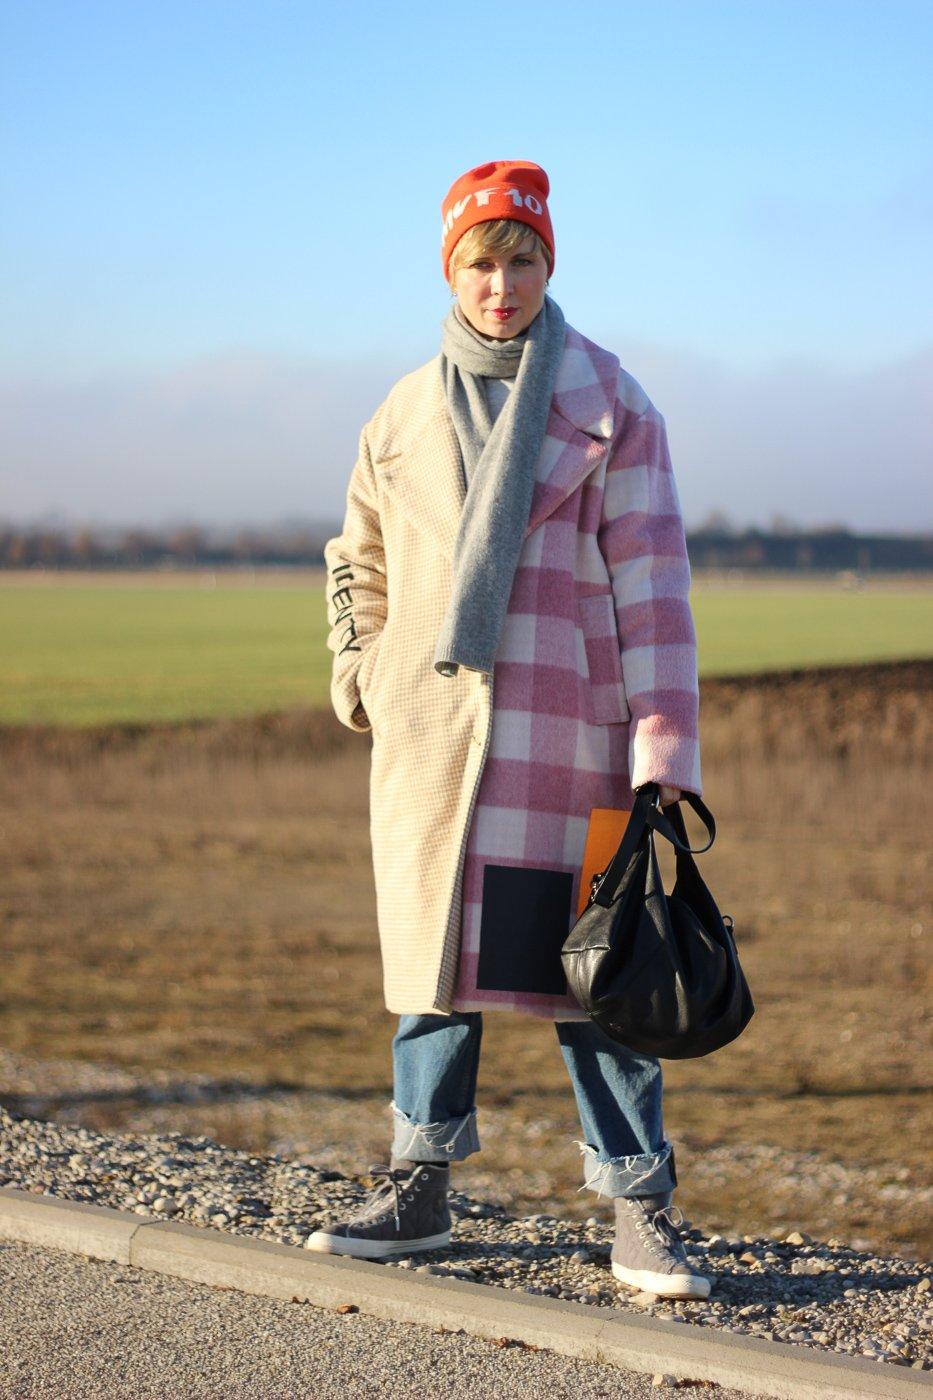 conny doll lifestyle: lokale geschäfte brauchen Unterstützung, Winterlook, Mantel, cozy sunday look